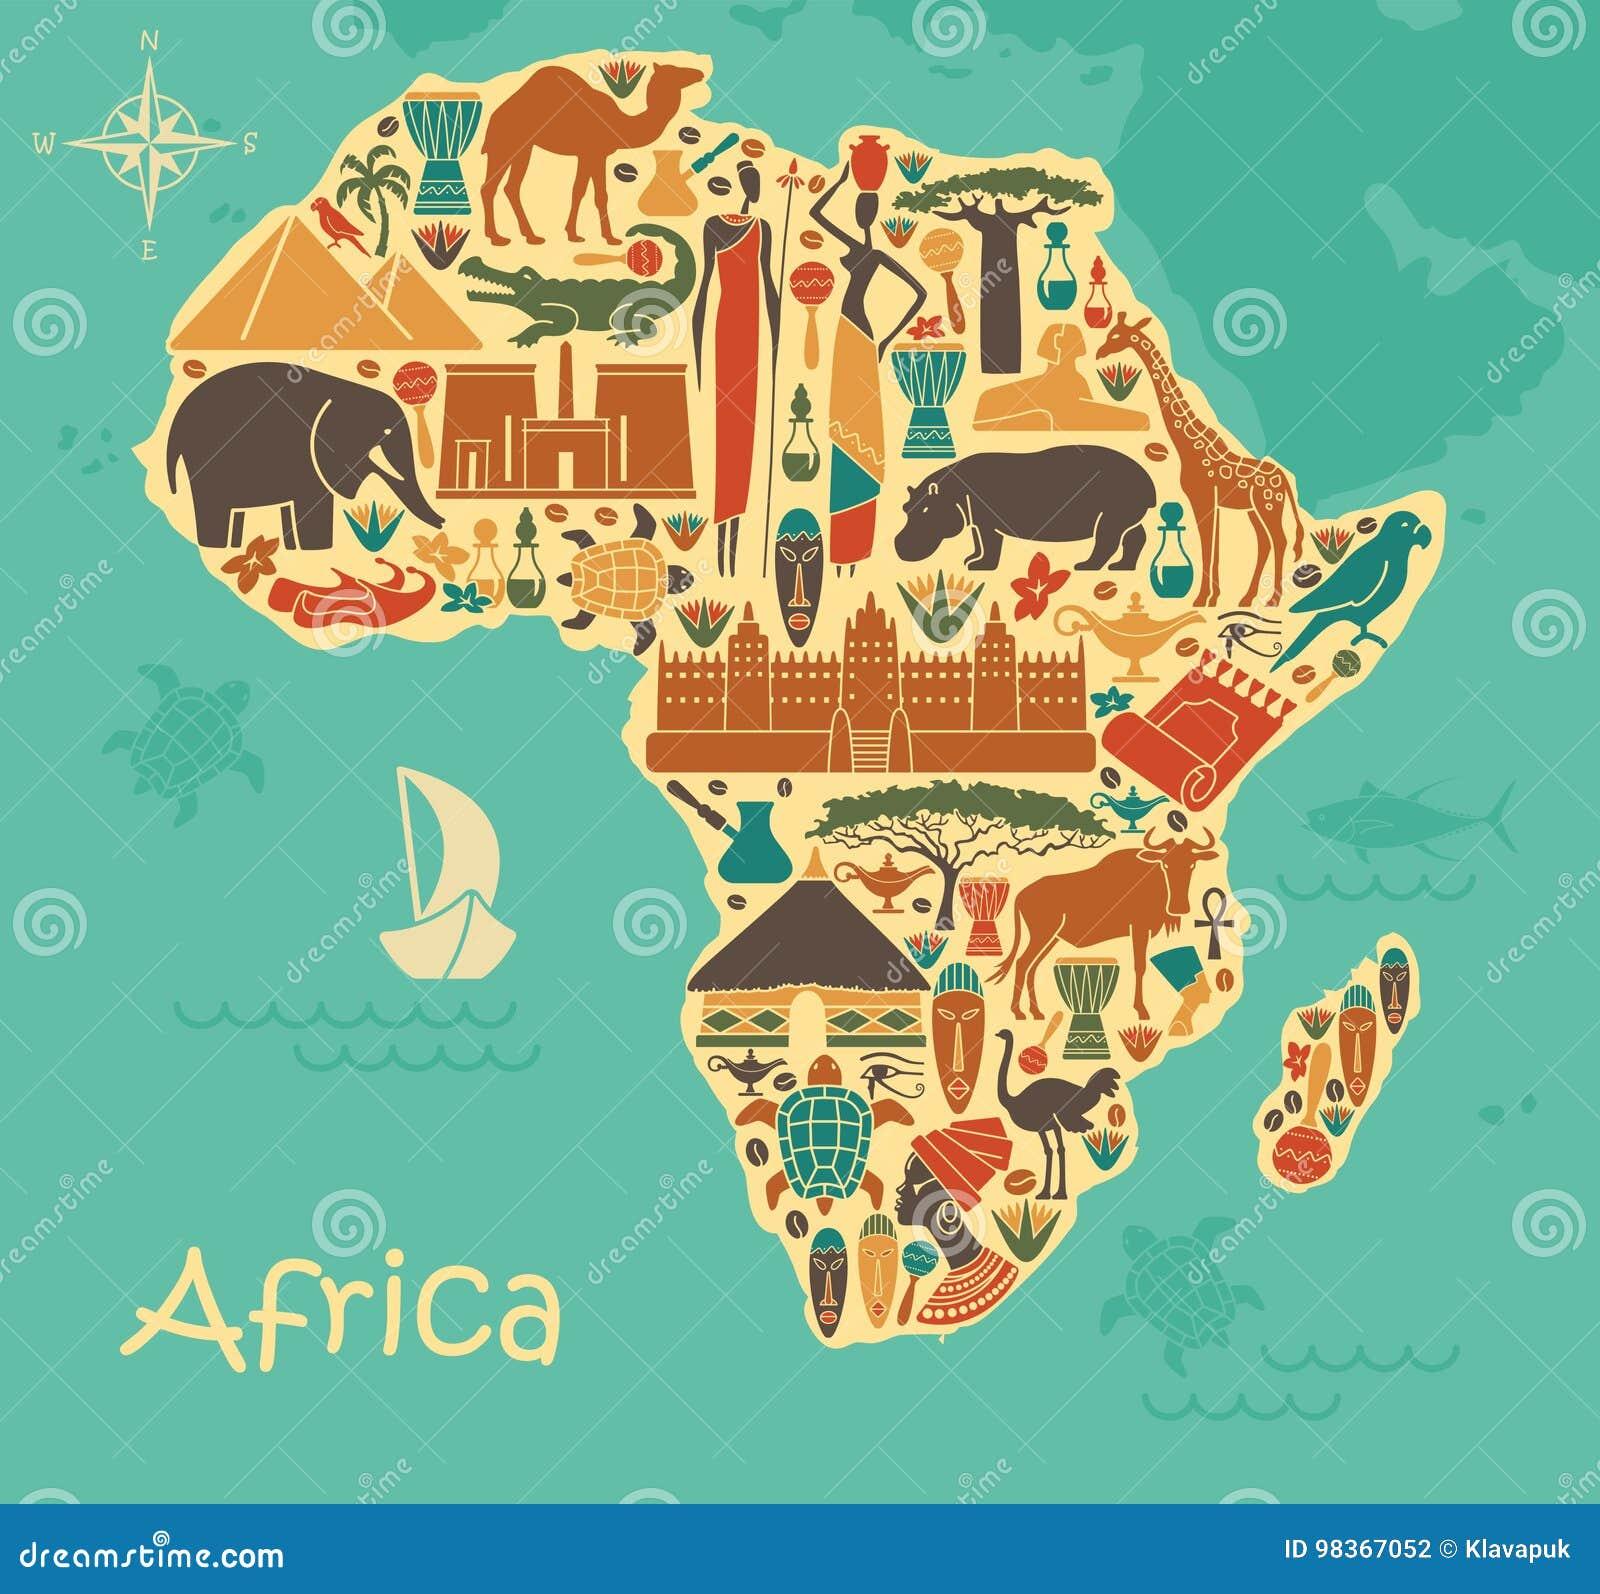 Traditionelle Symbole Von Afrika In Form Einer Stilized Karte Vektor ...